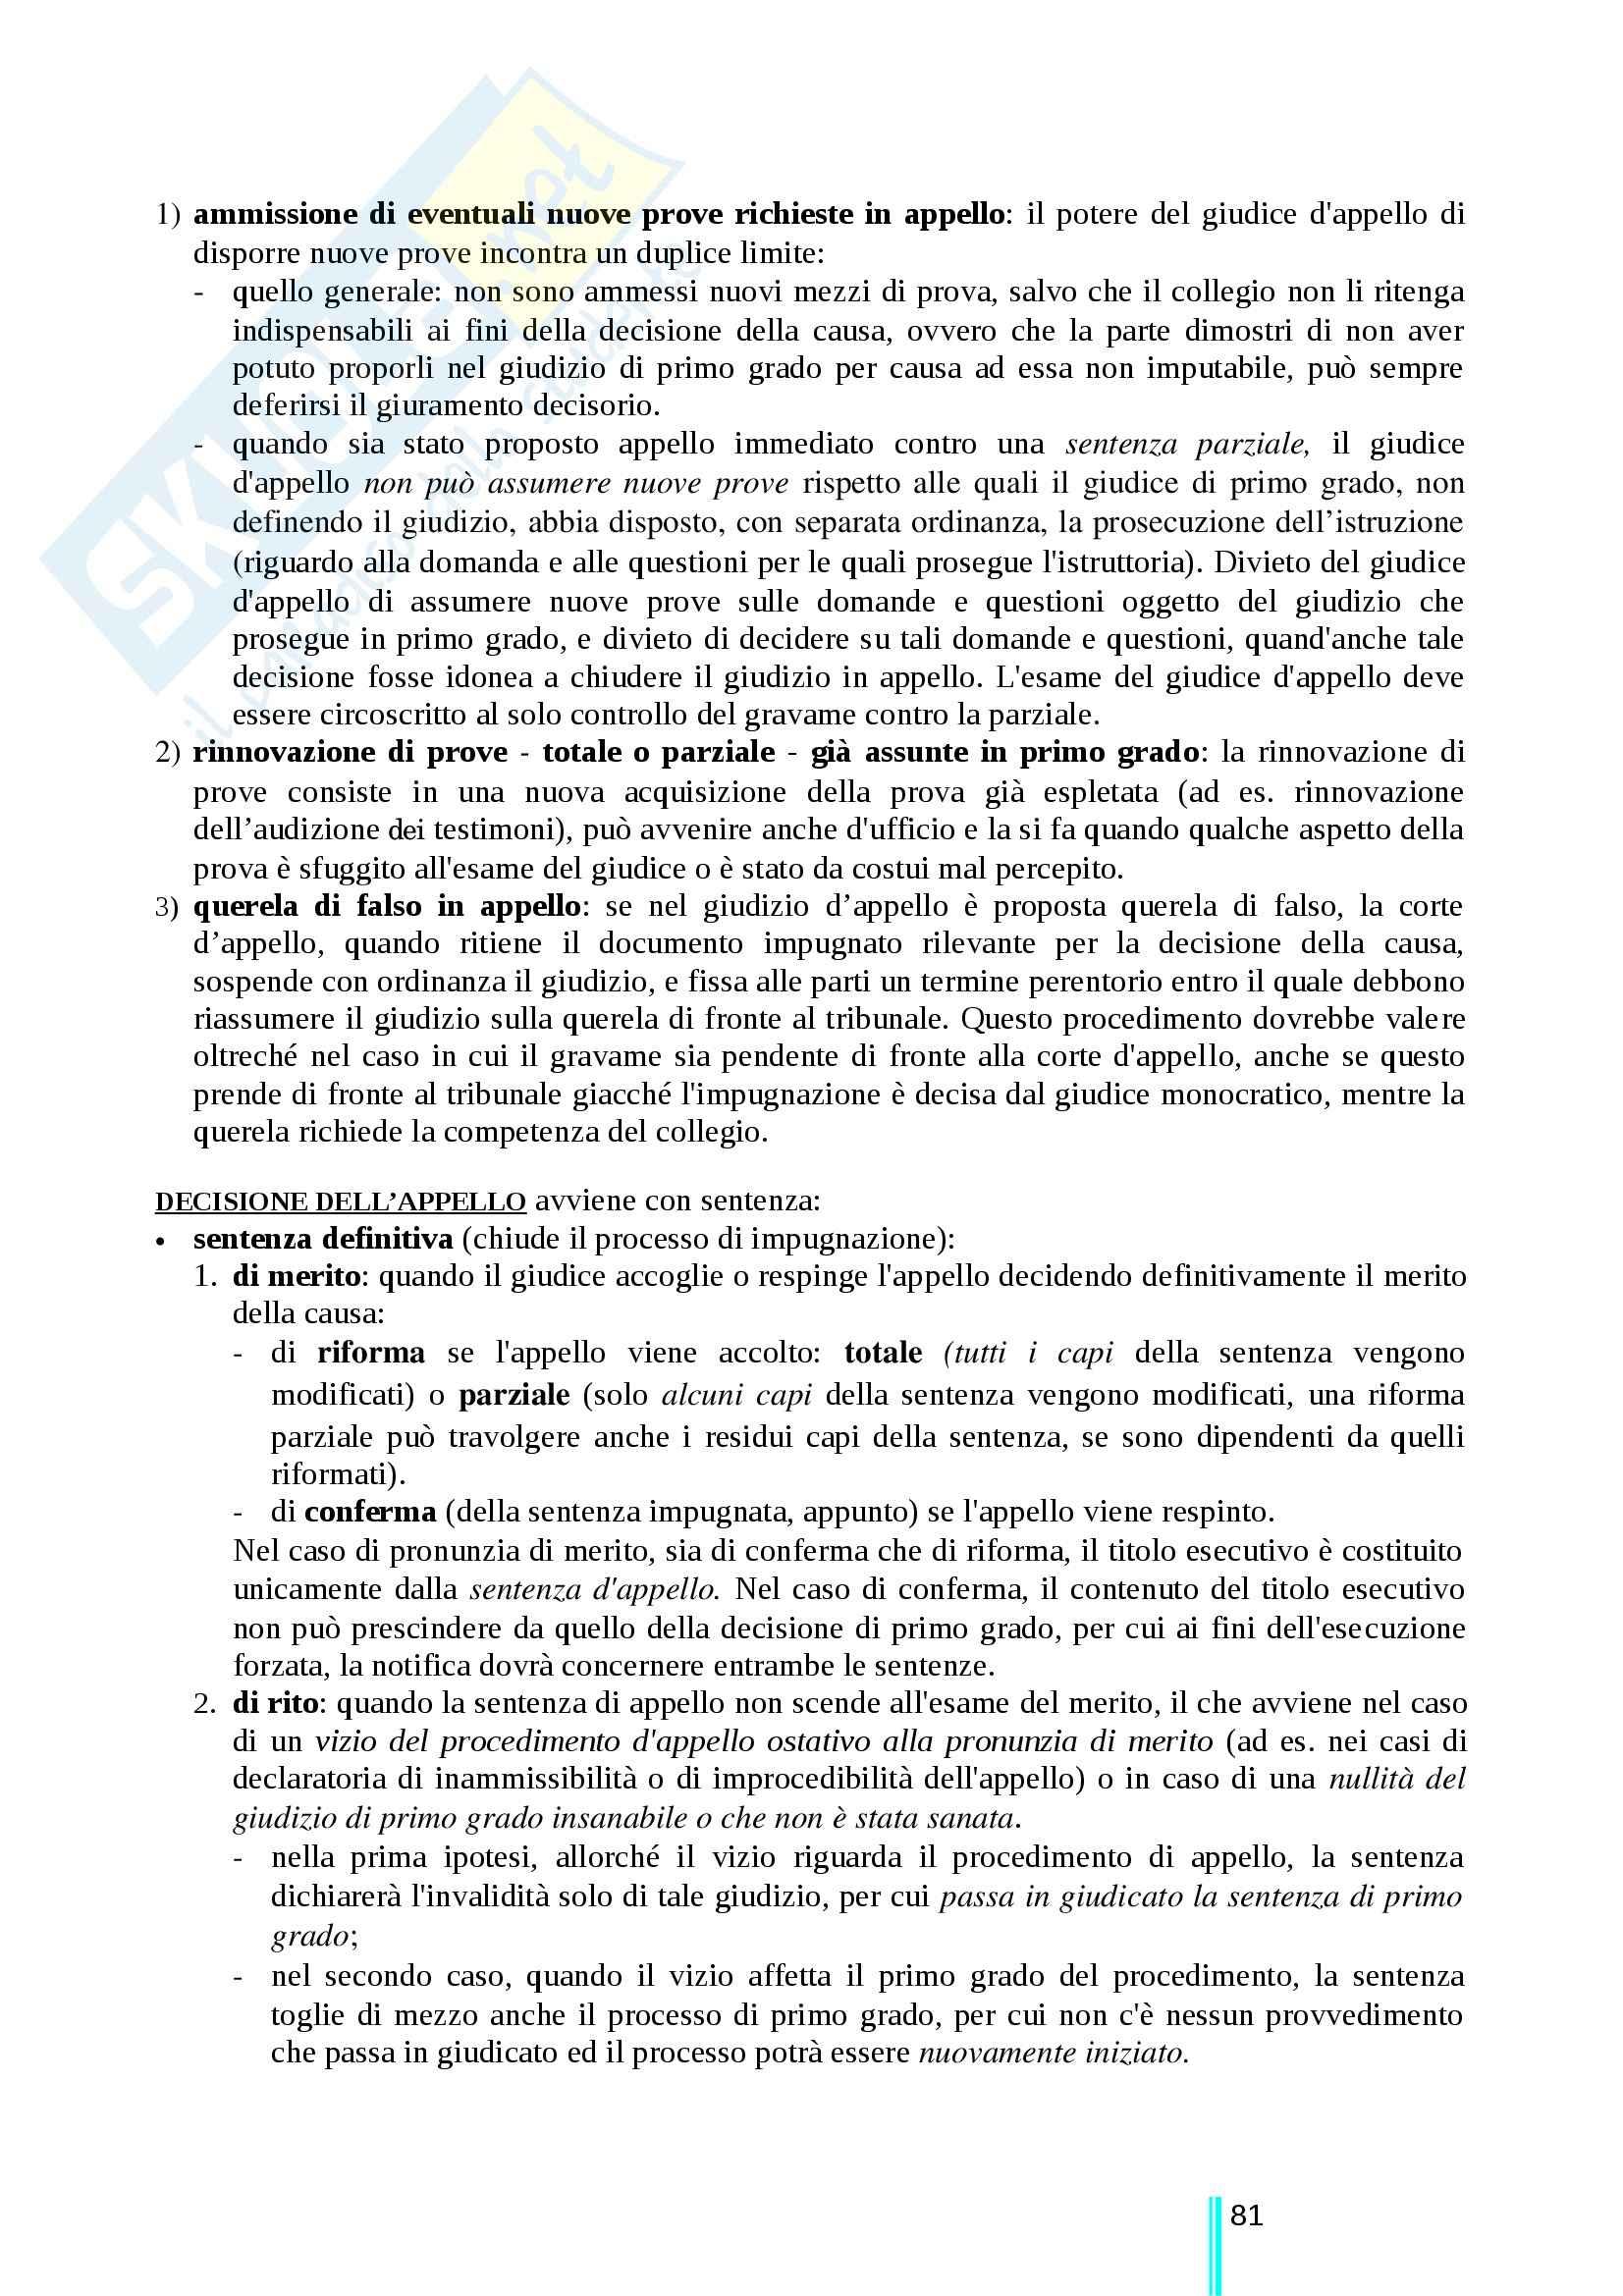 Riassunto esame Diritto processuale civile, prof. Ricci, libro consigliato Diritto processuale civile, secondo volume, Ricci Pag. 81